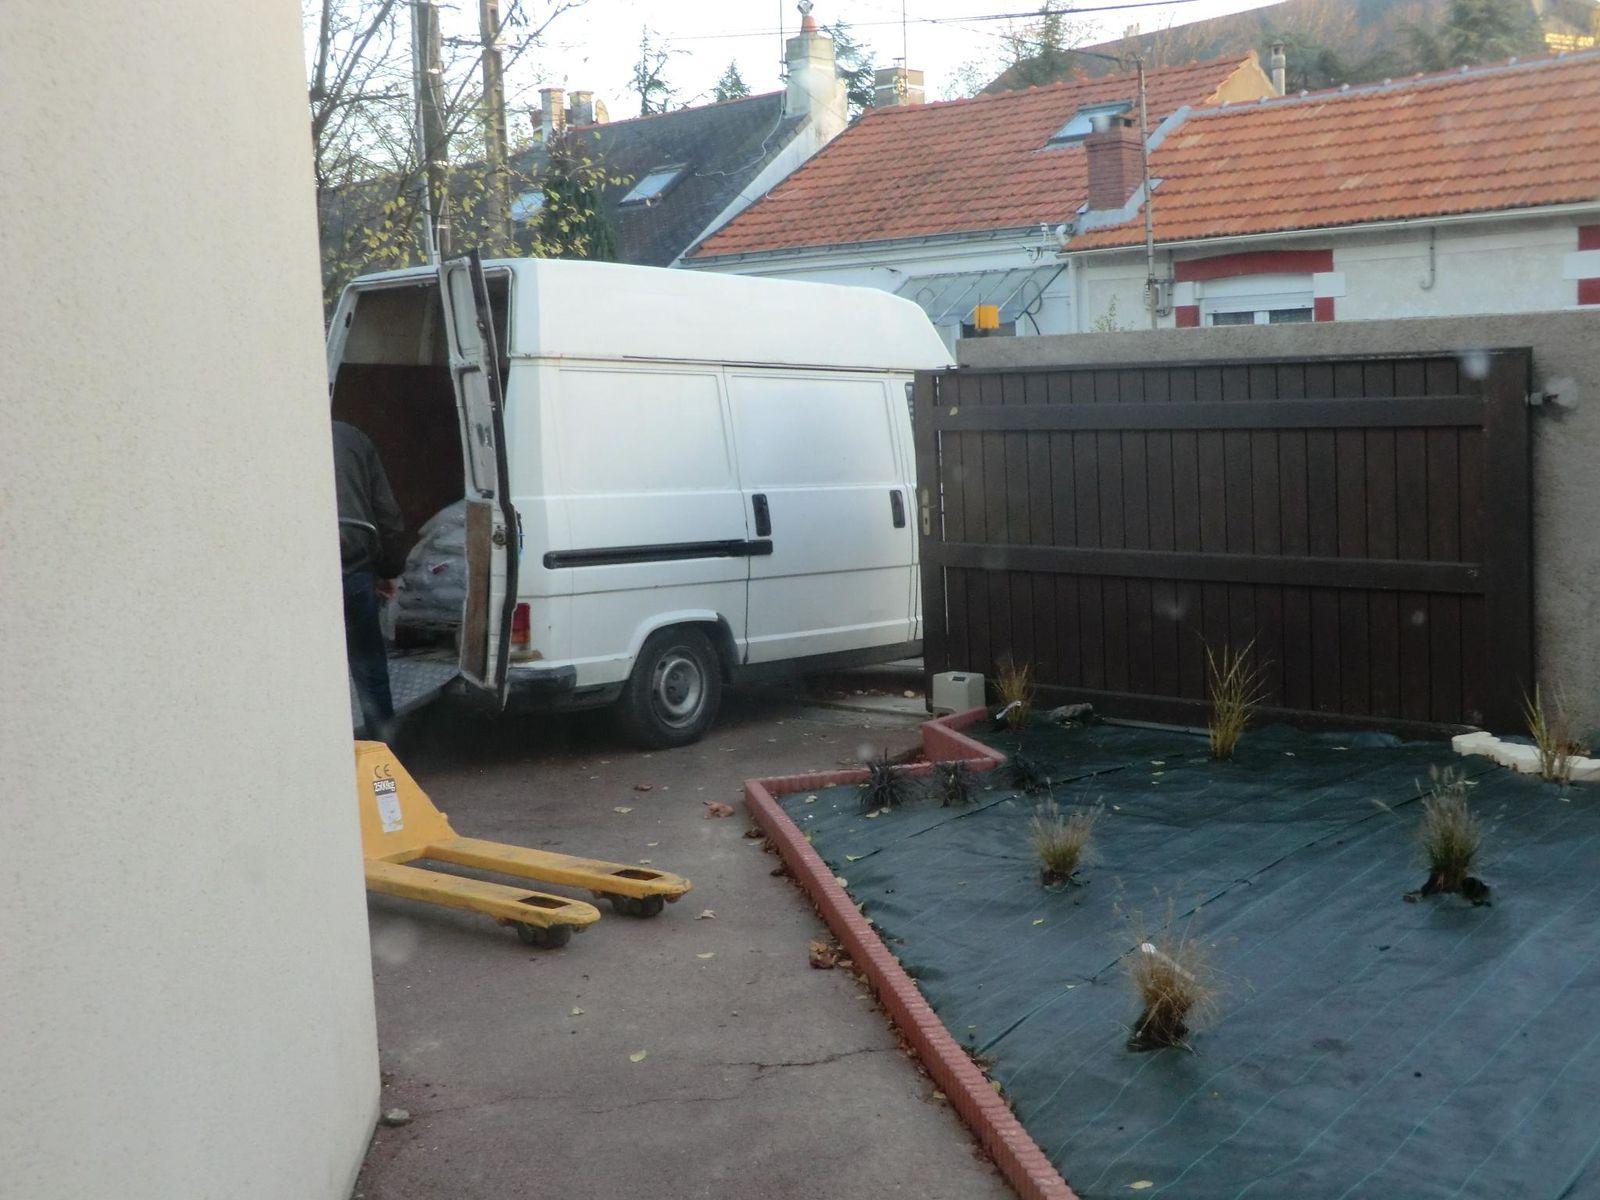 Am nagement du jardin fin presque le blog de for Blog amenagement jardin